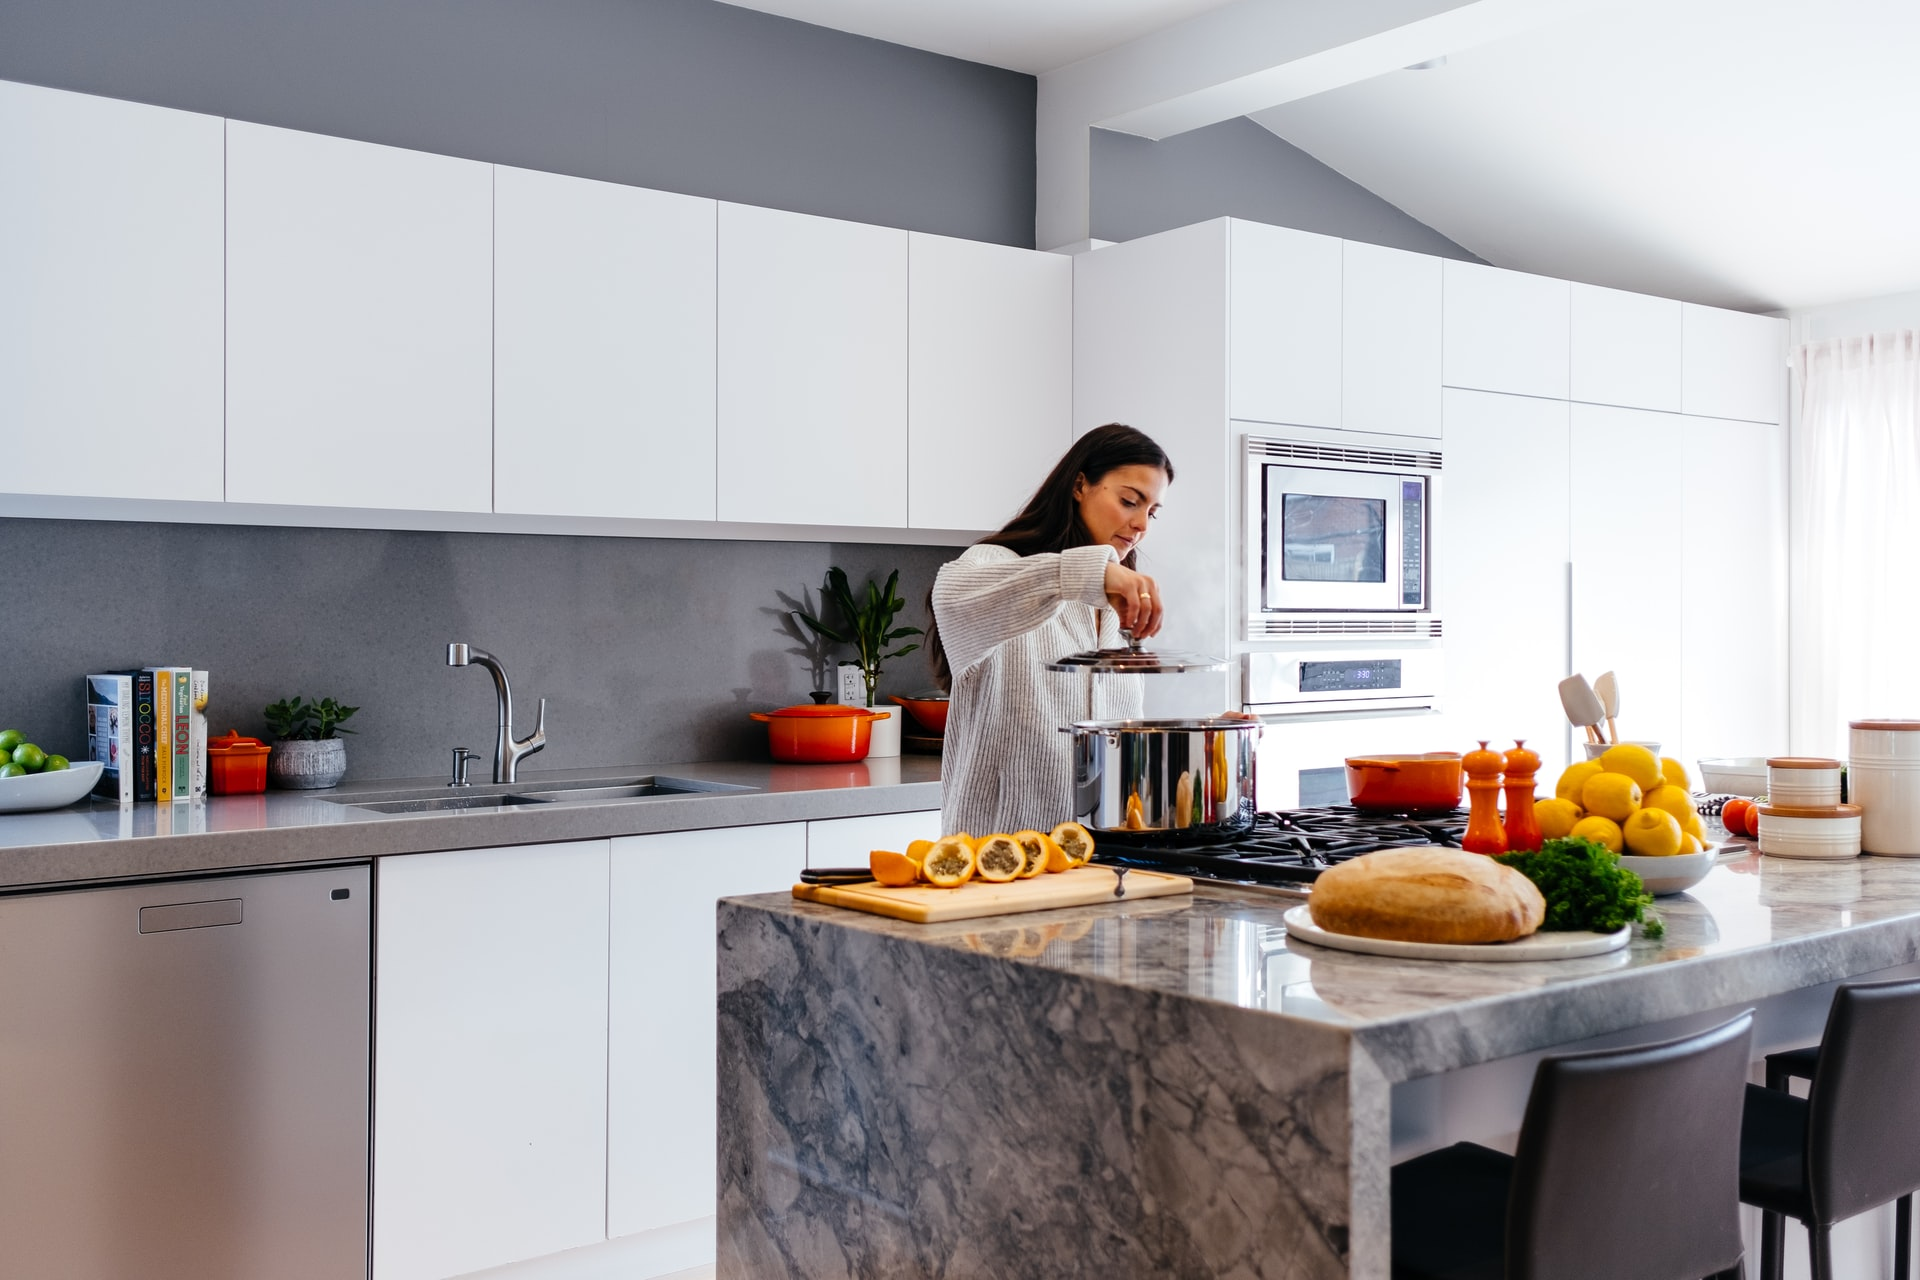 Na foto uma mulher cozinhando em uma cozinha grande com ilha.